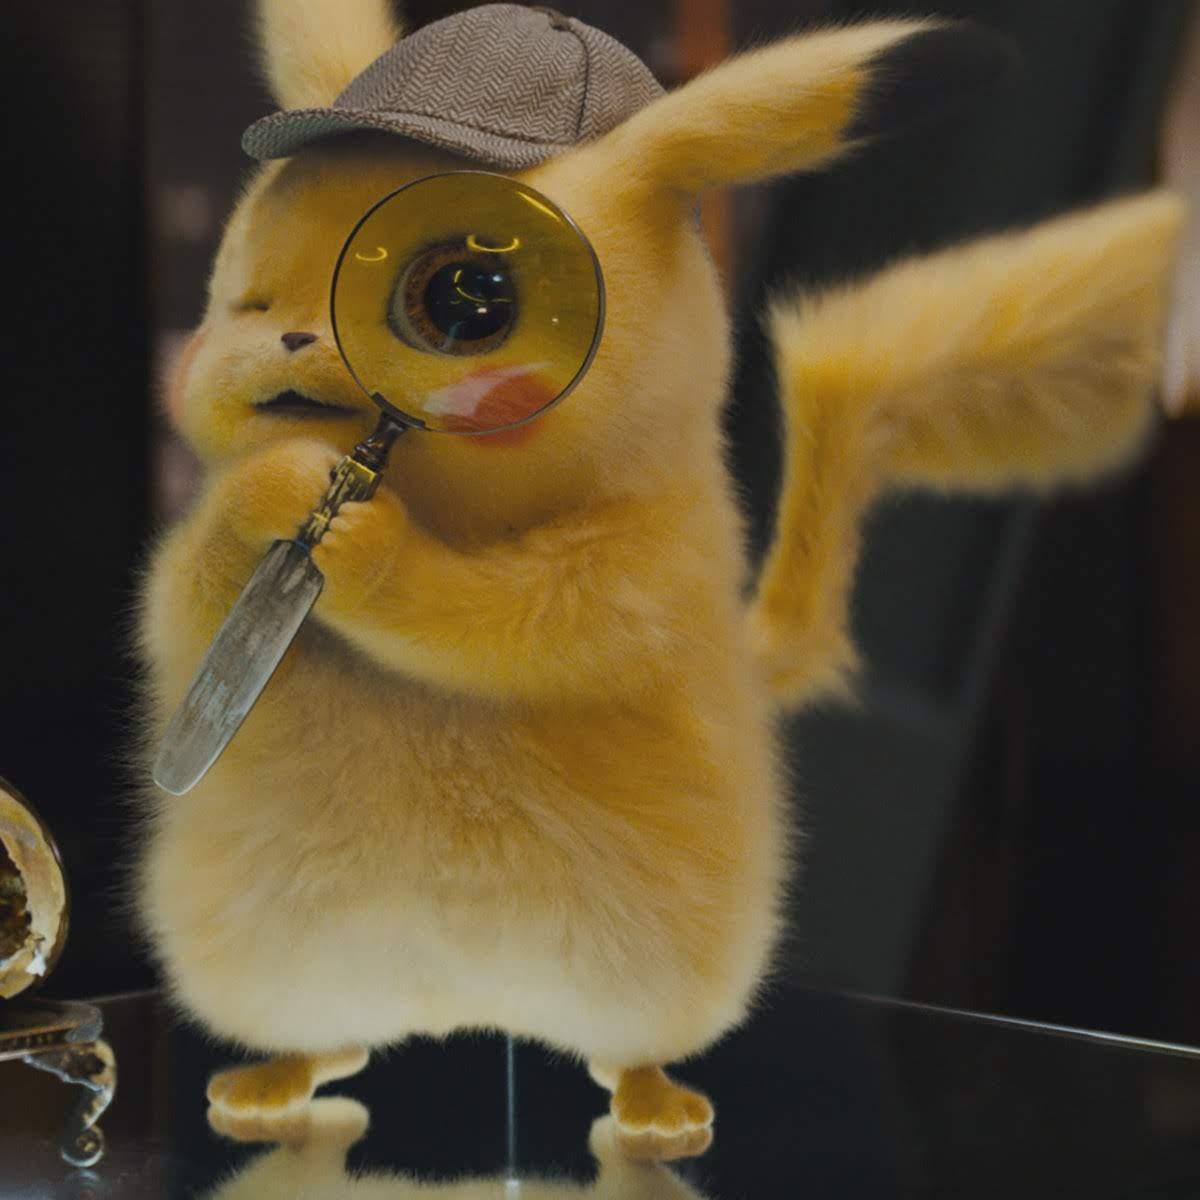 Detective Pikachu : デッドプールが声の主演を売りものにしてる感動のハリウッド版実写映画「名探偵ピカチュウ」がリリースした素晴らしきポケモン世界の新しい予告編 ! !